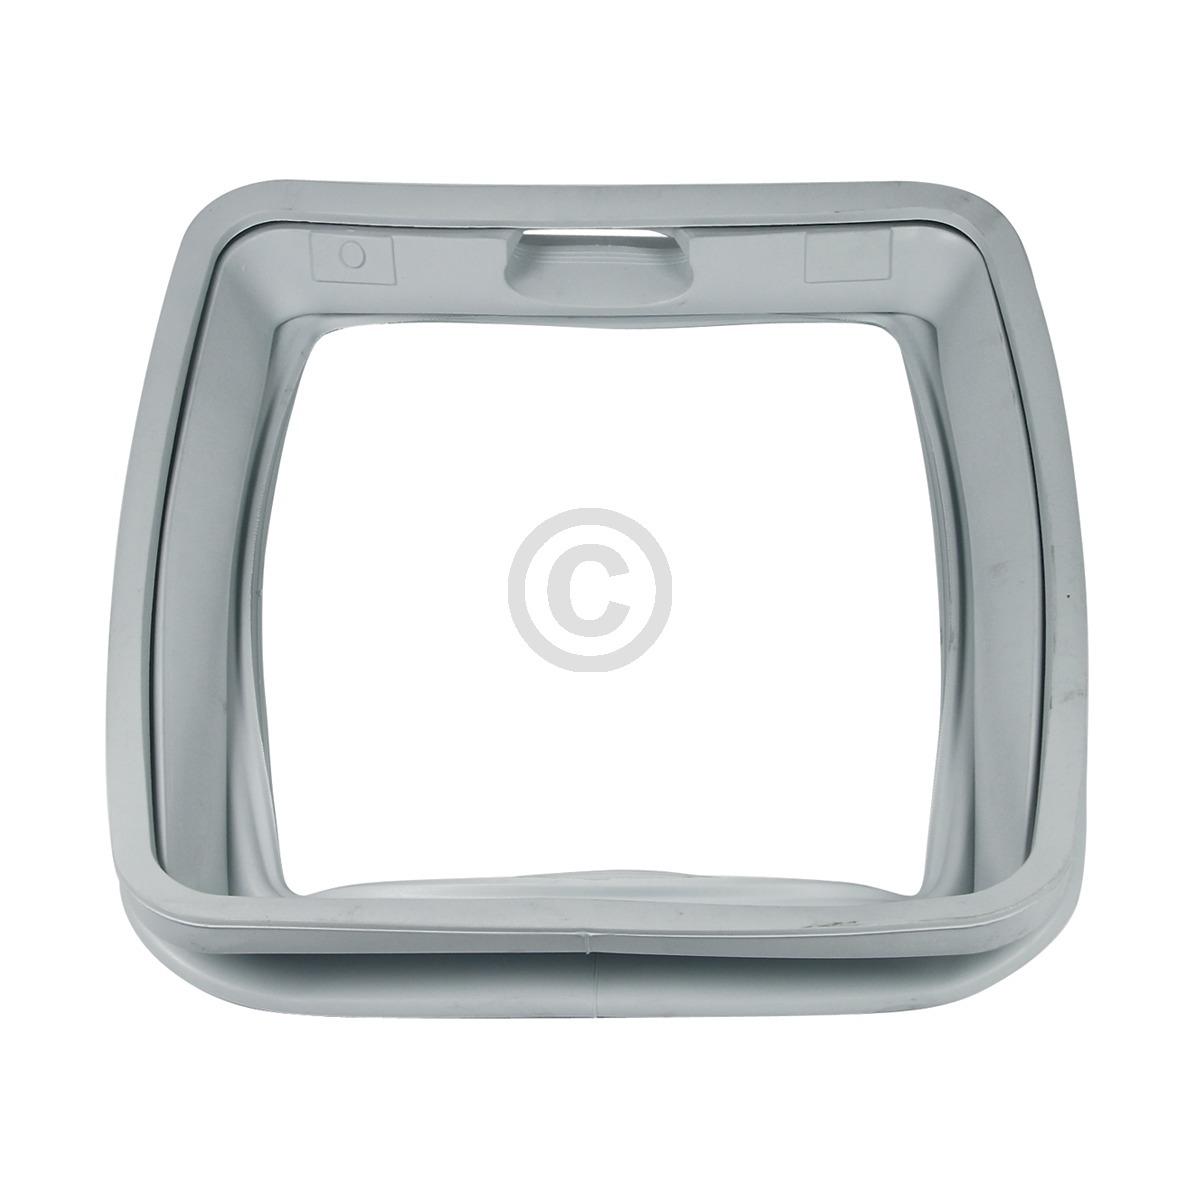 Türmanschette Whirlpool 481010410453 viereckig für Waschmaschine Toplader